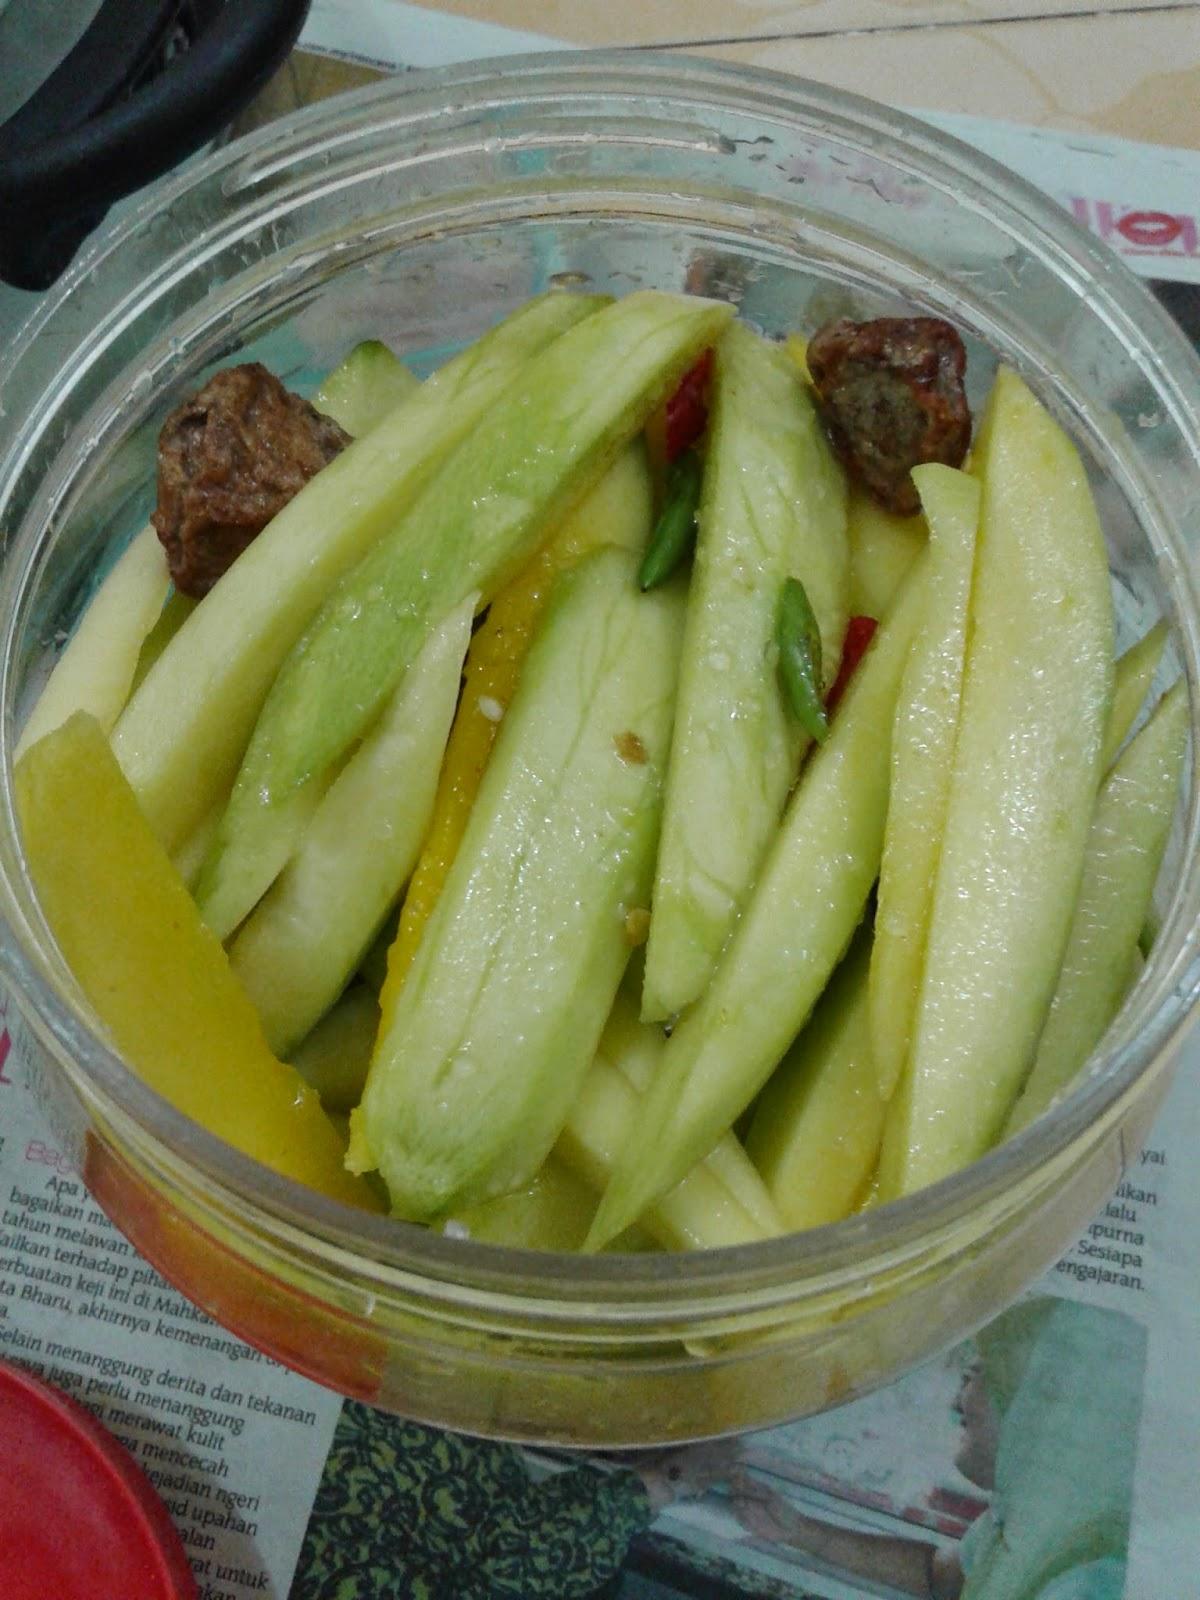 jeruk mangga asam boi